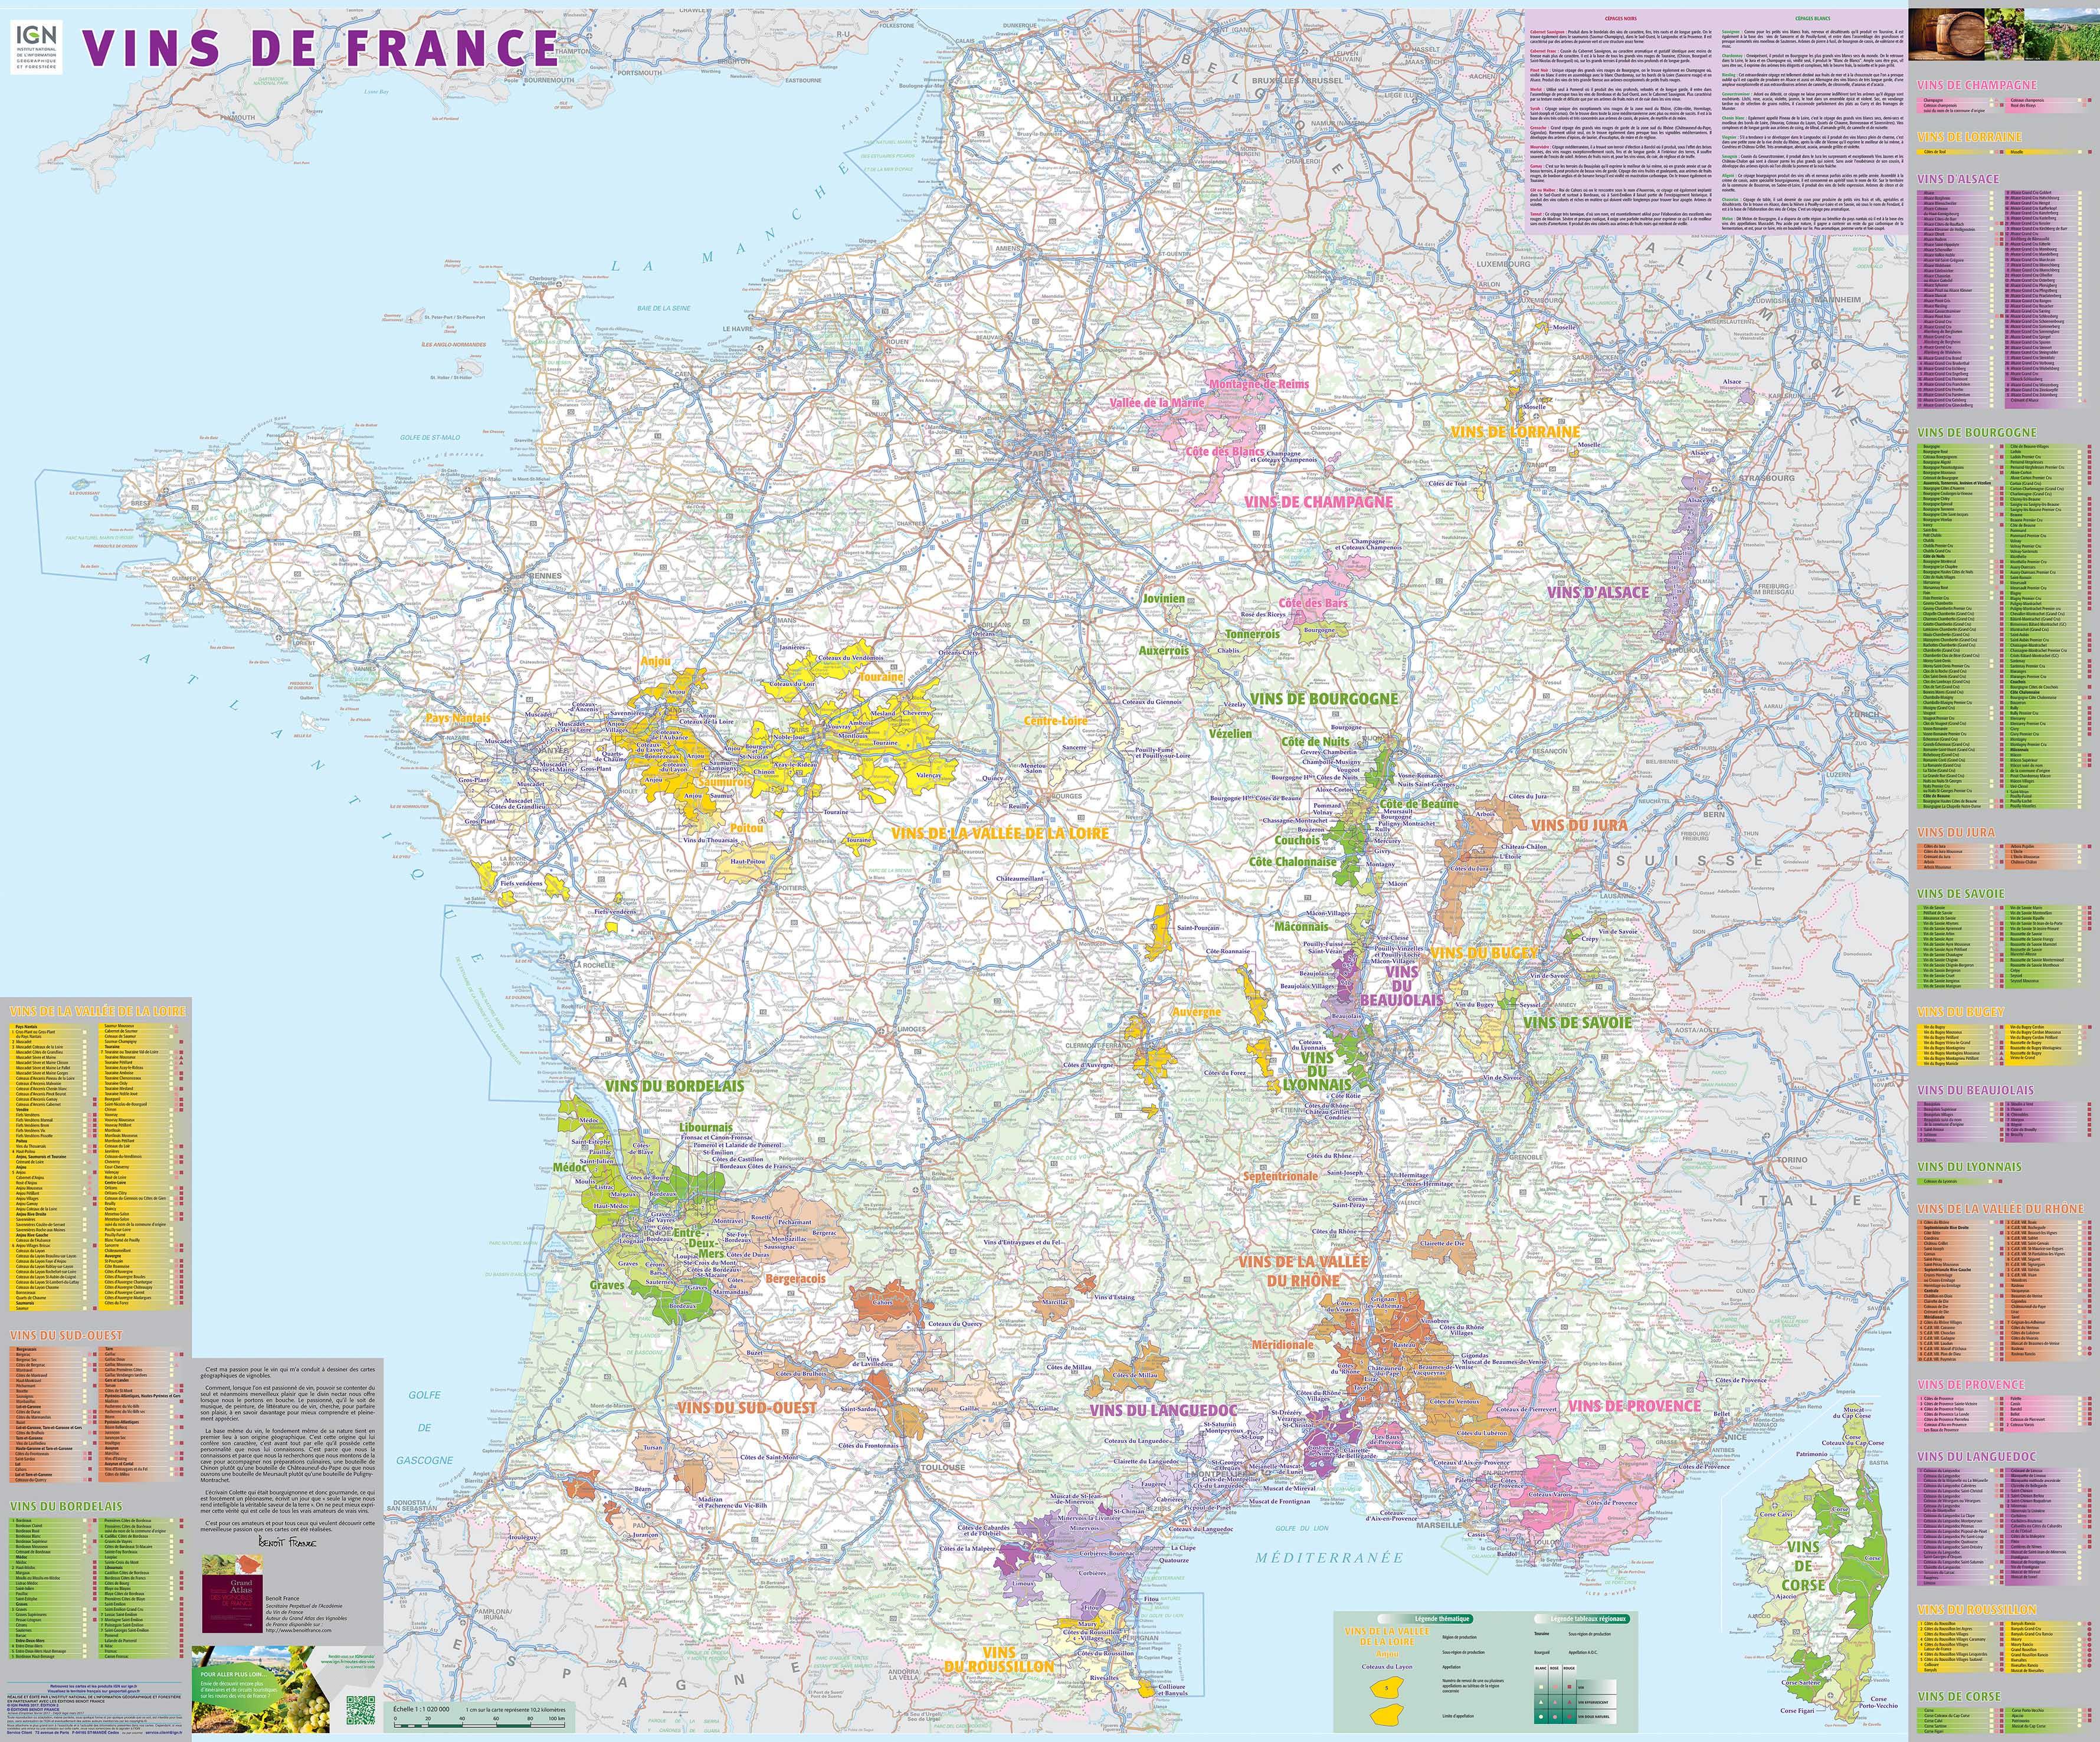 Vins de France wandkaart geplastificeerd